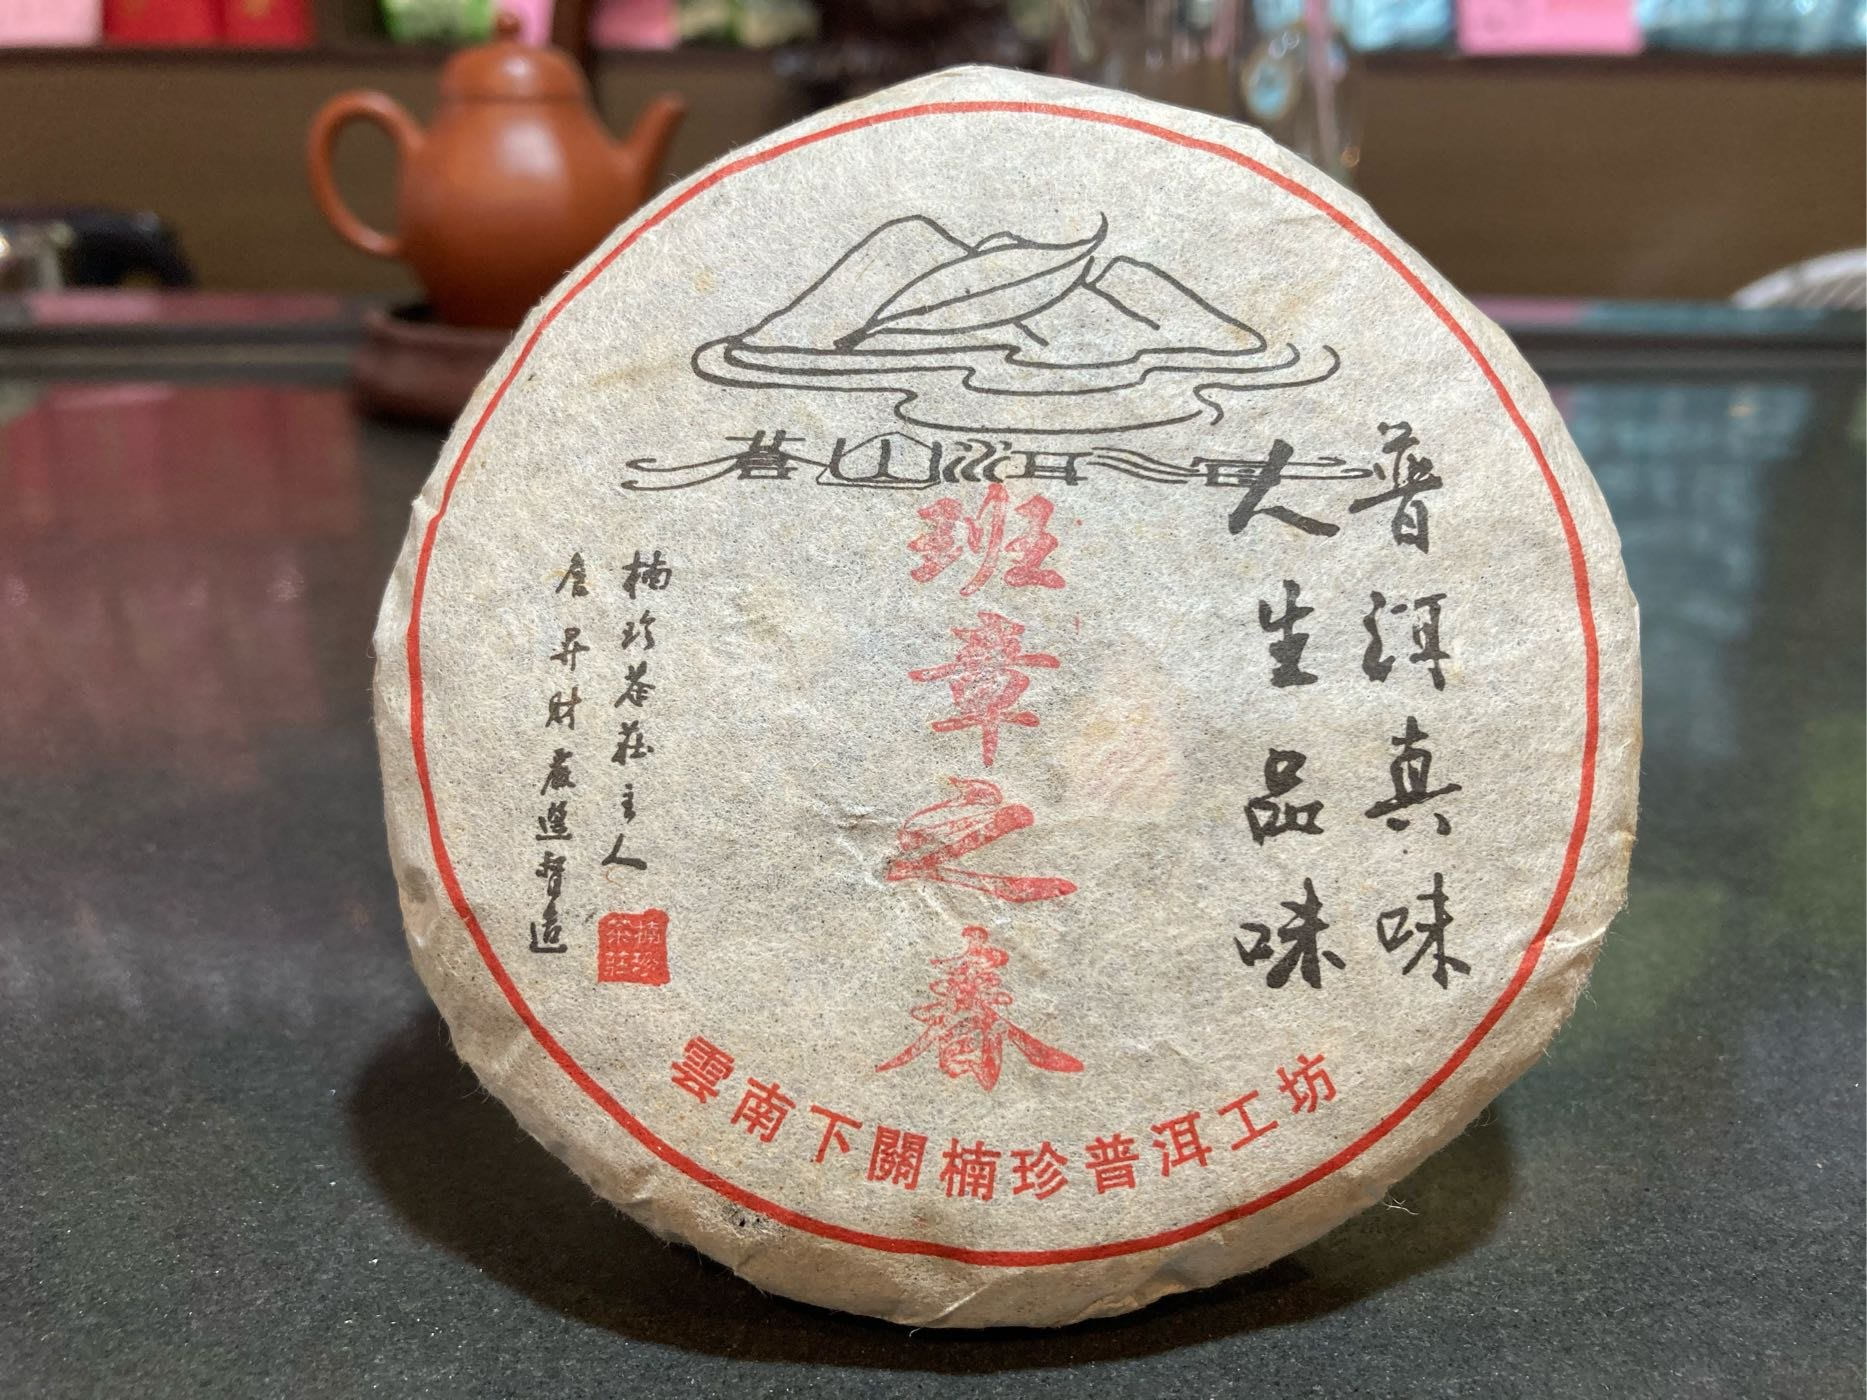 2009年楠珍普洱精品系列班章之春100公克小餅